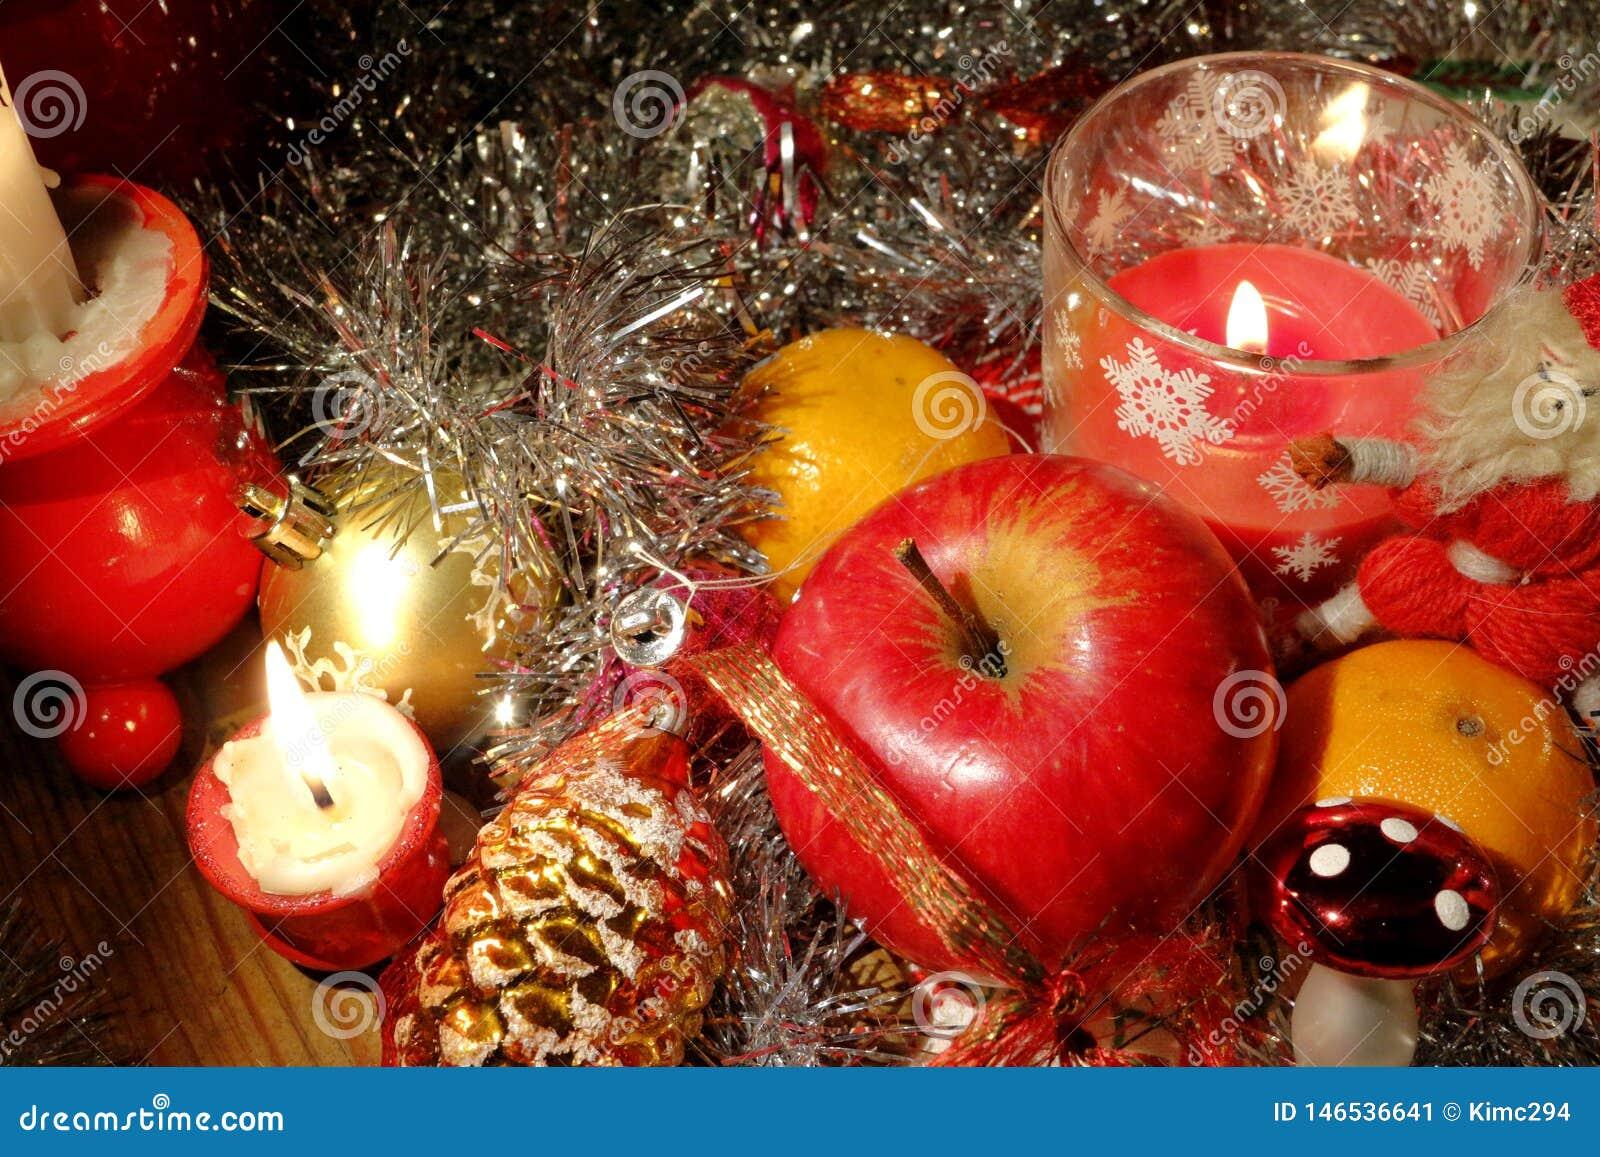 E Χαρακτηριστικά στοιχεία διακοσμήσεων Χριστουγέννων